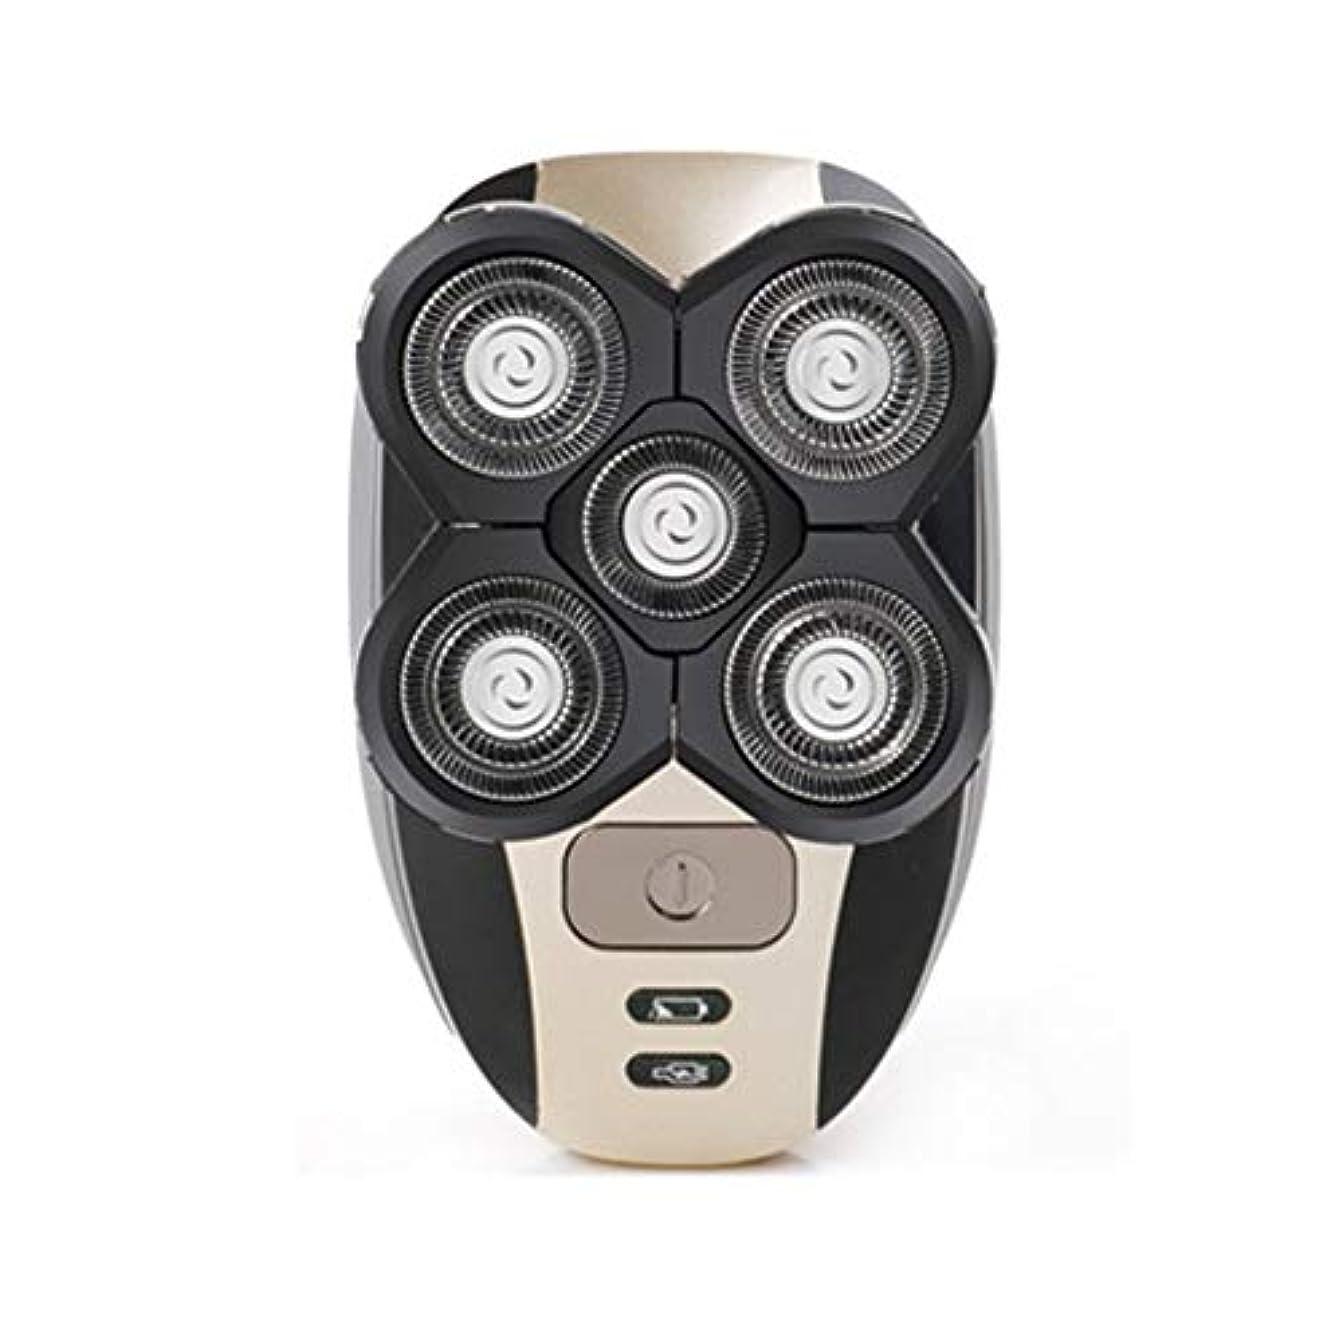 フルーティー起点アンソロジーシェーバーシェービングヘッド電気充電式かみそりクリッパーメンズトリミングセット-Innovationo